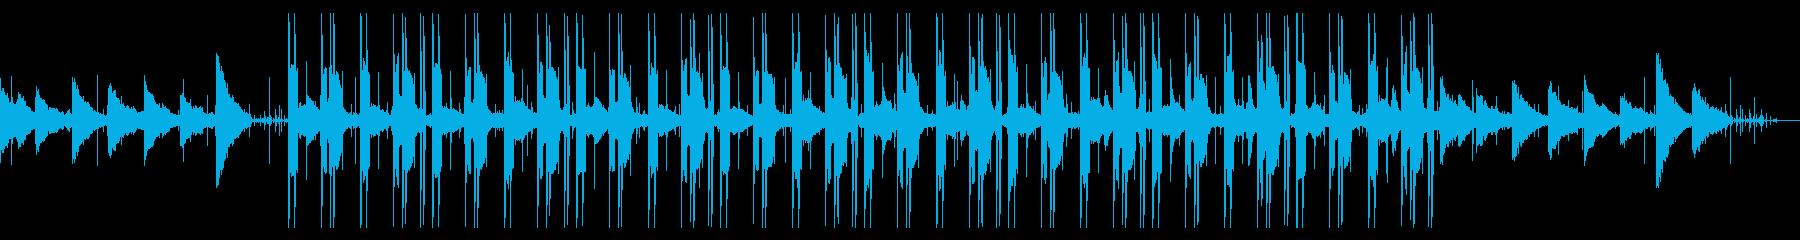 静かで優しいチル・ヒップホップの再生済みの波形